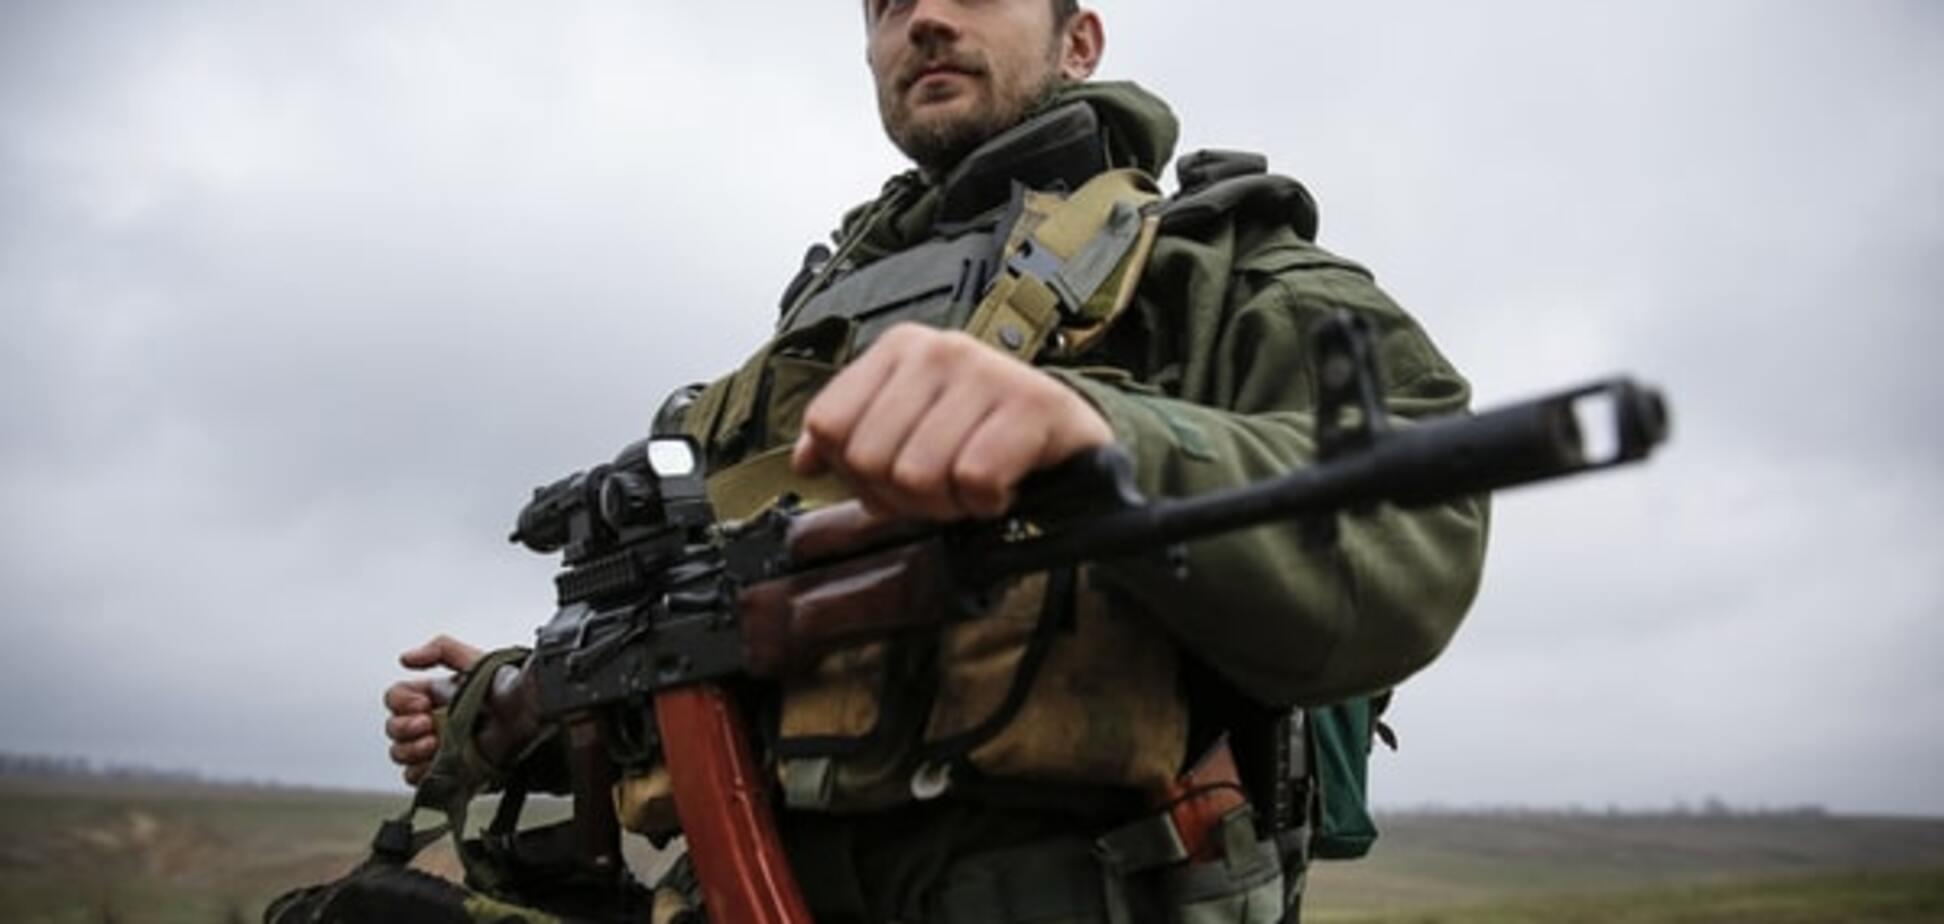 Терористи з гранатометів обстріляли опорний пункт сил АТО в Зайцевому